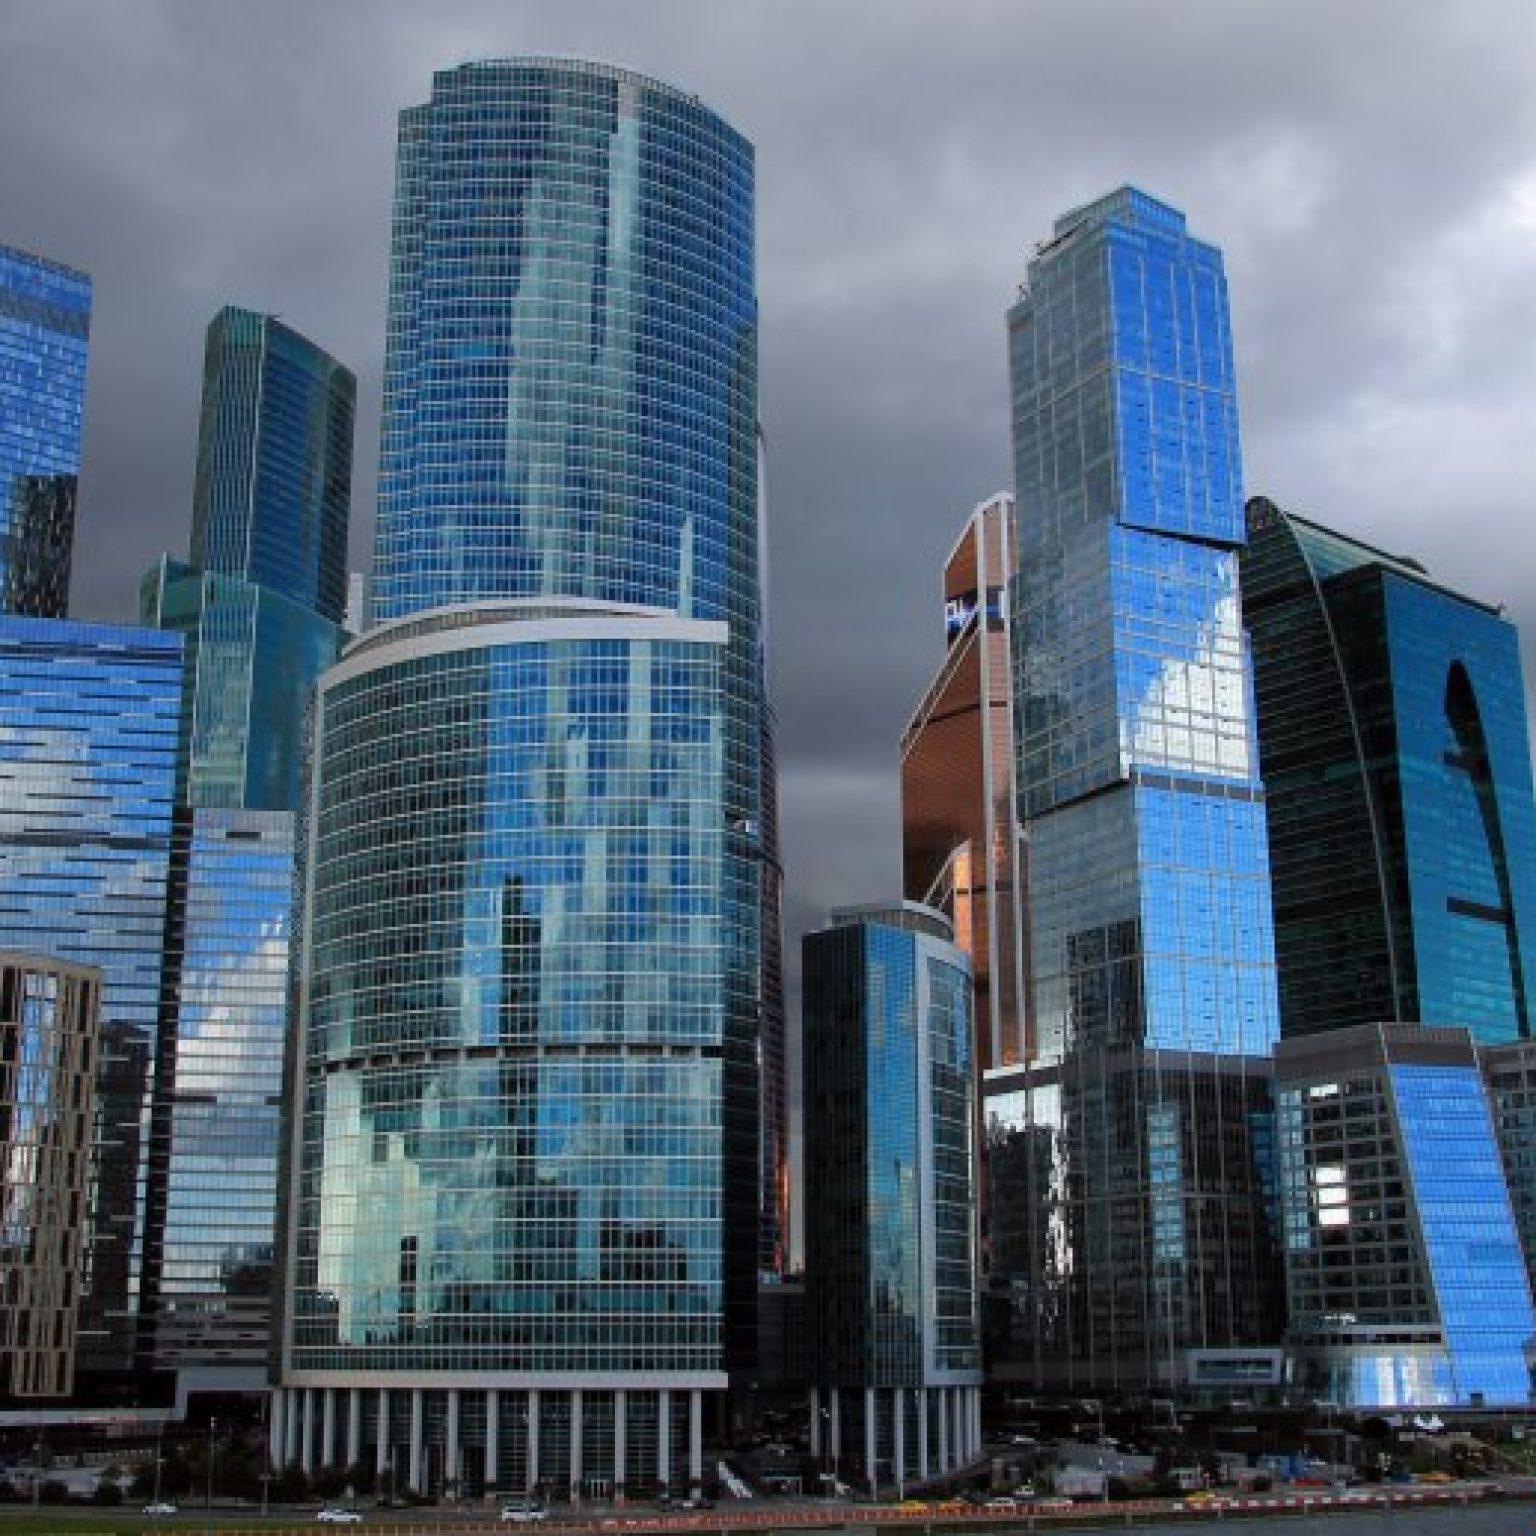 Достопримечательности Москвы: Москва-сити